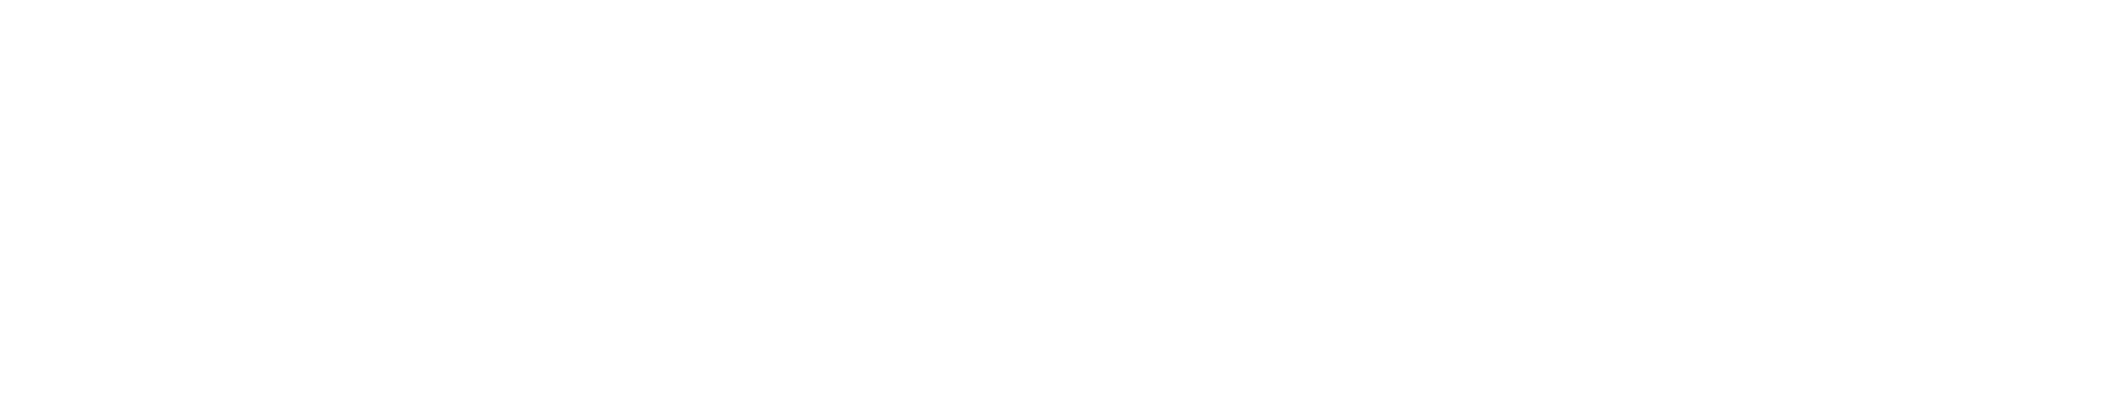 reseau-tel-icone